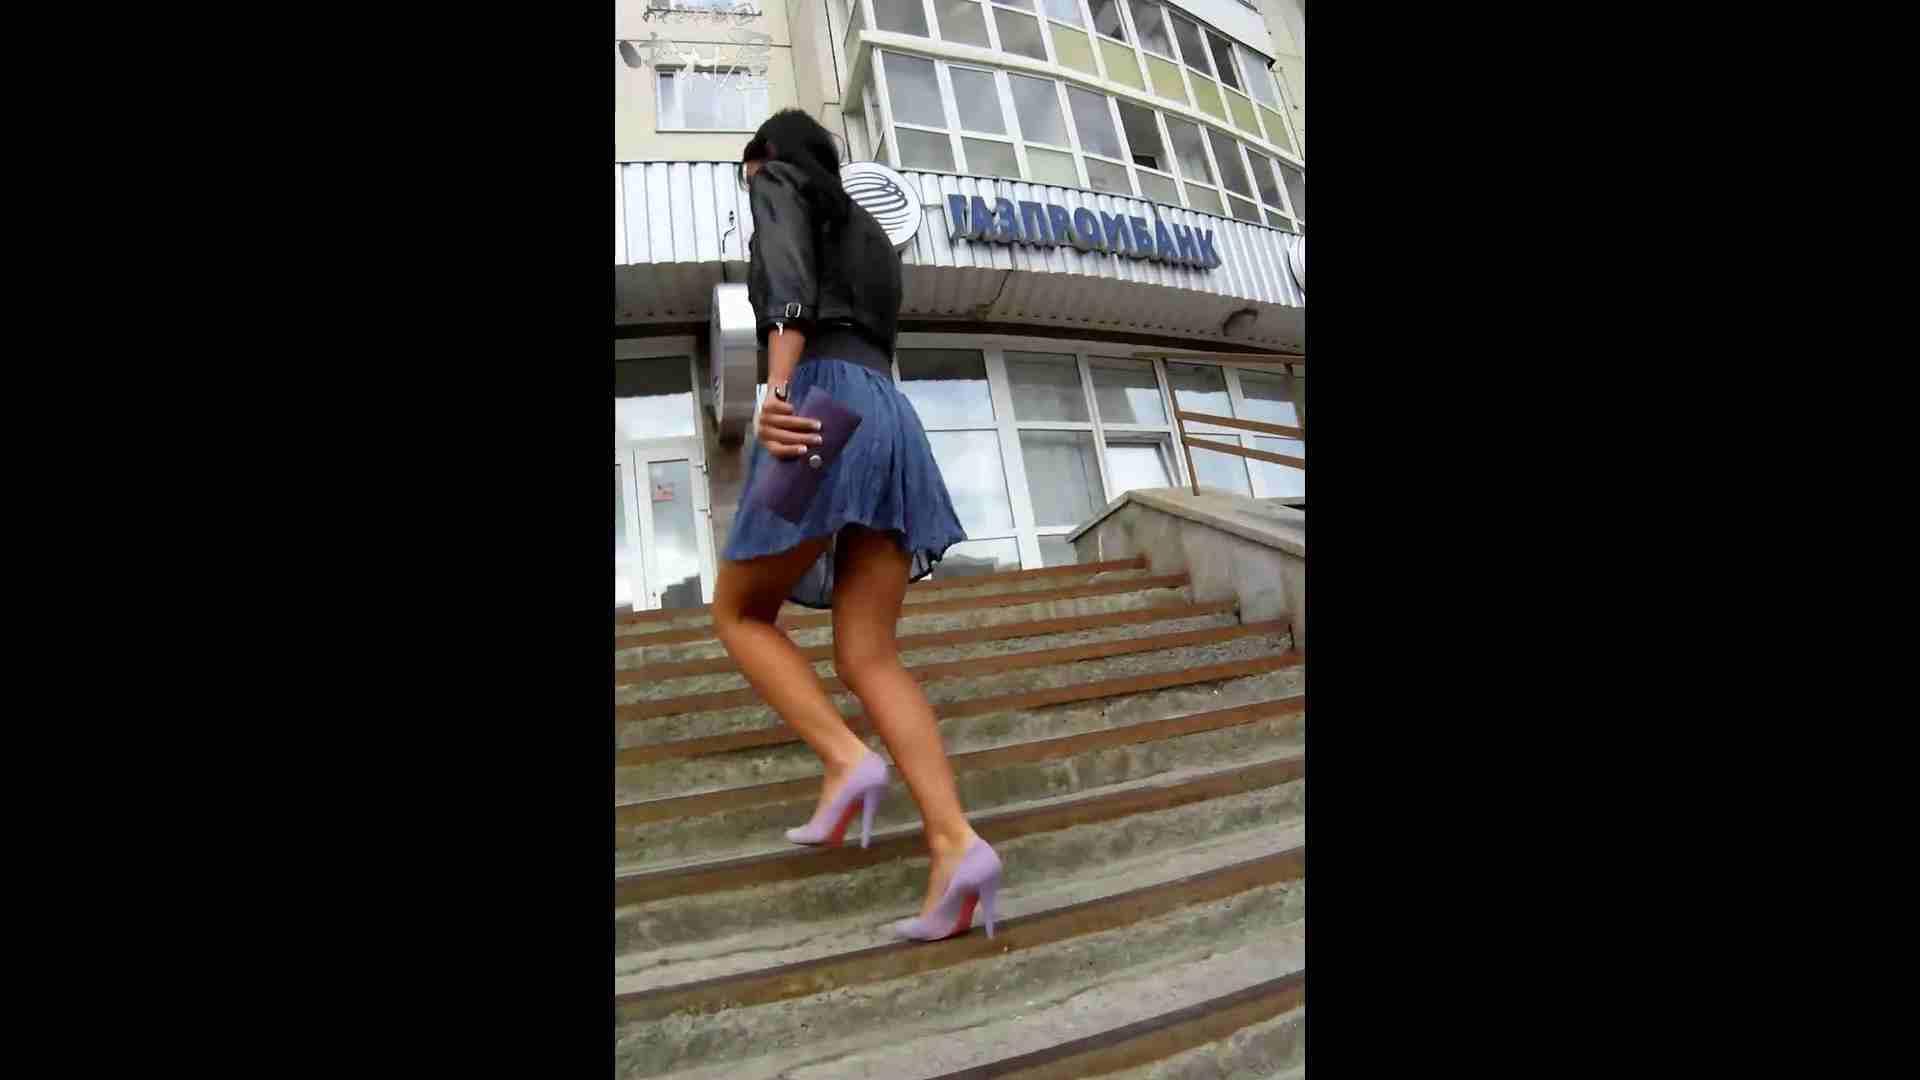 綺麗なモデルさんのスカート捲っちゃおう‼ vol17 お姉さんのエロ動画  94PIX 46